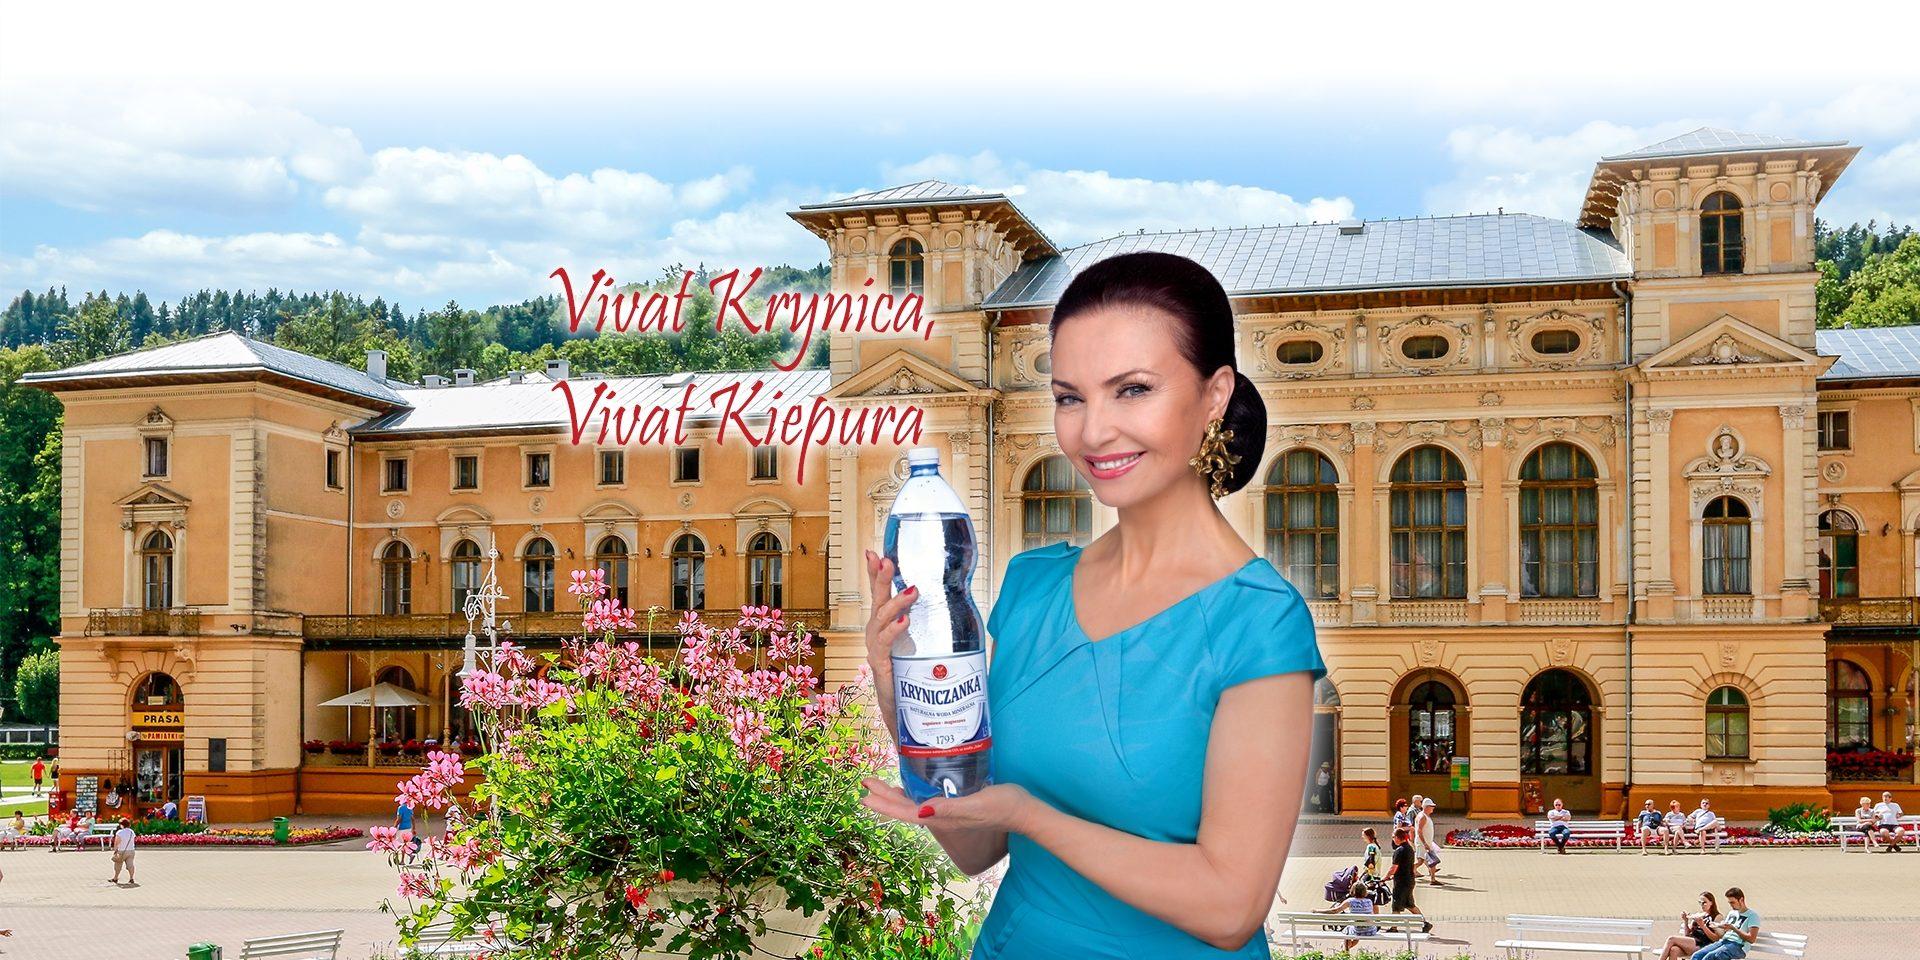 Viva Krynica, Viva Kiepura